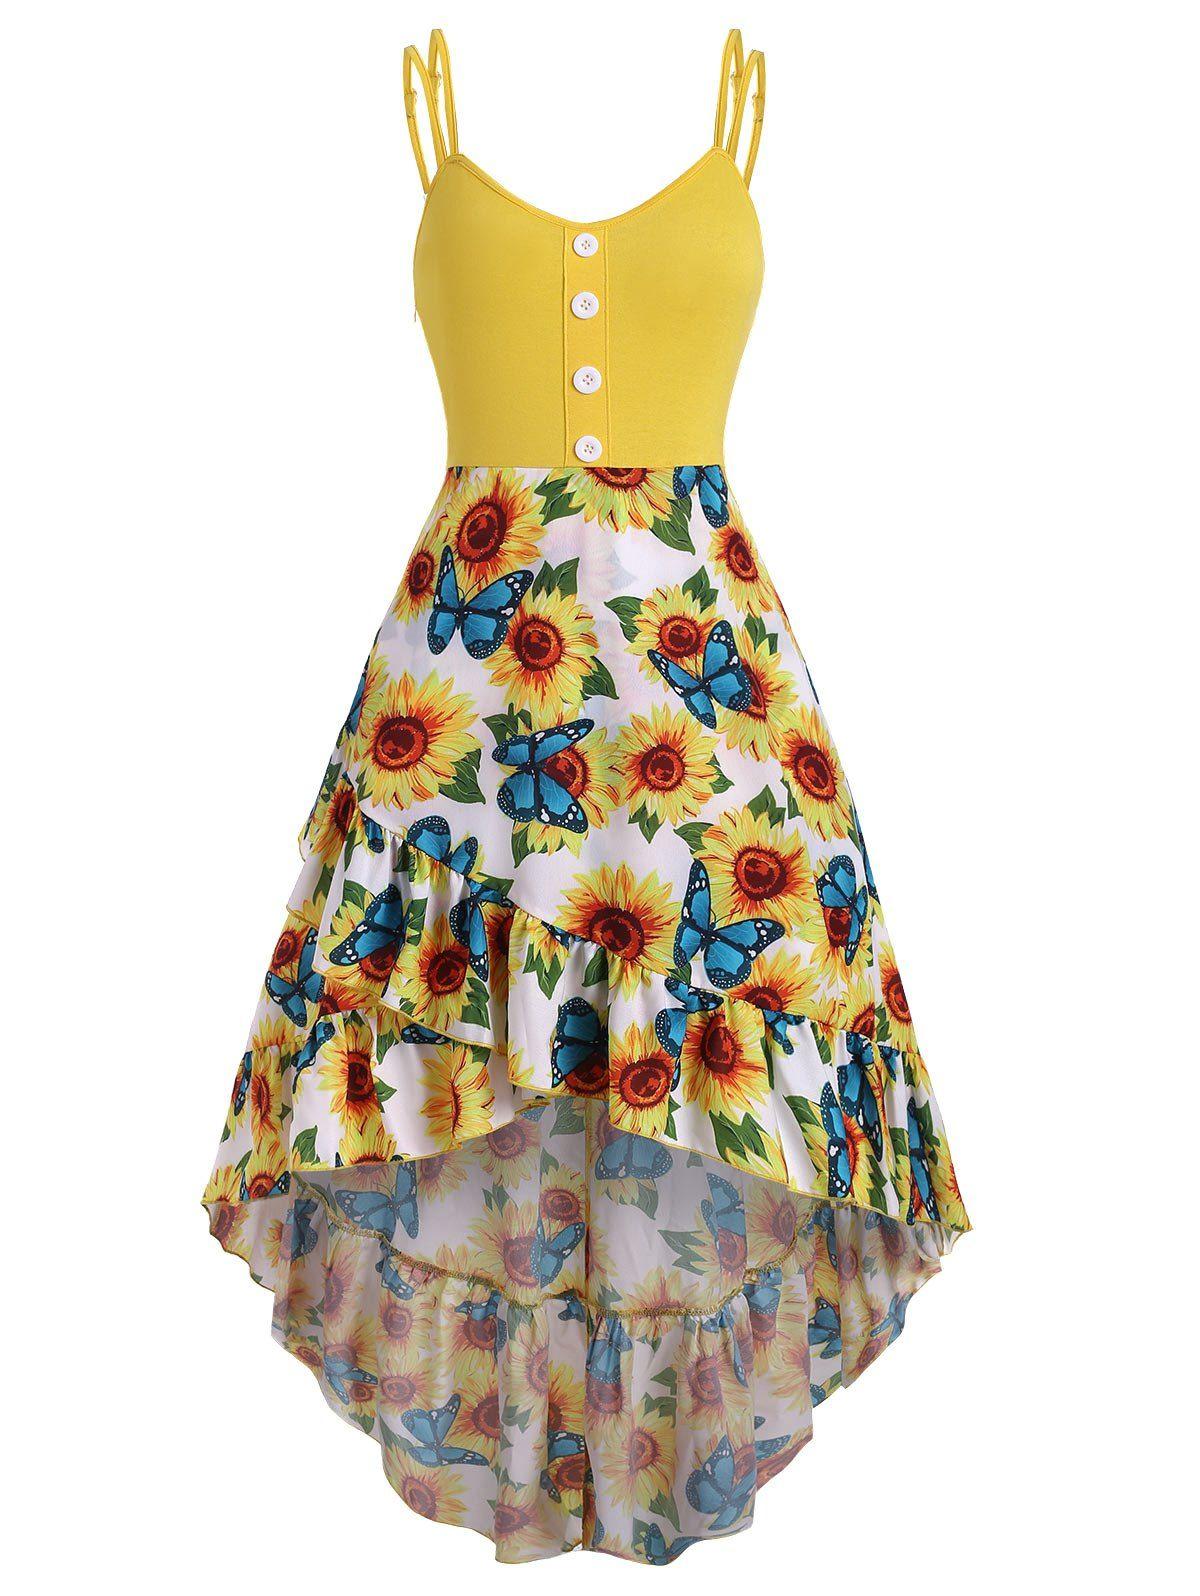 Flounce Sunflower Angel Scale Print Mermaid High Low Cami Dress Sleeveless Dress Summer Cami Dress Flounce Pattern [ 1596 x 1200 Pixel ]